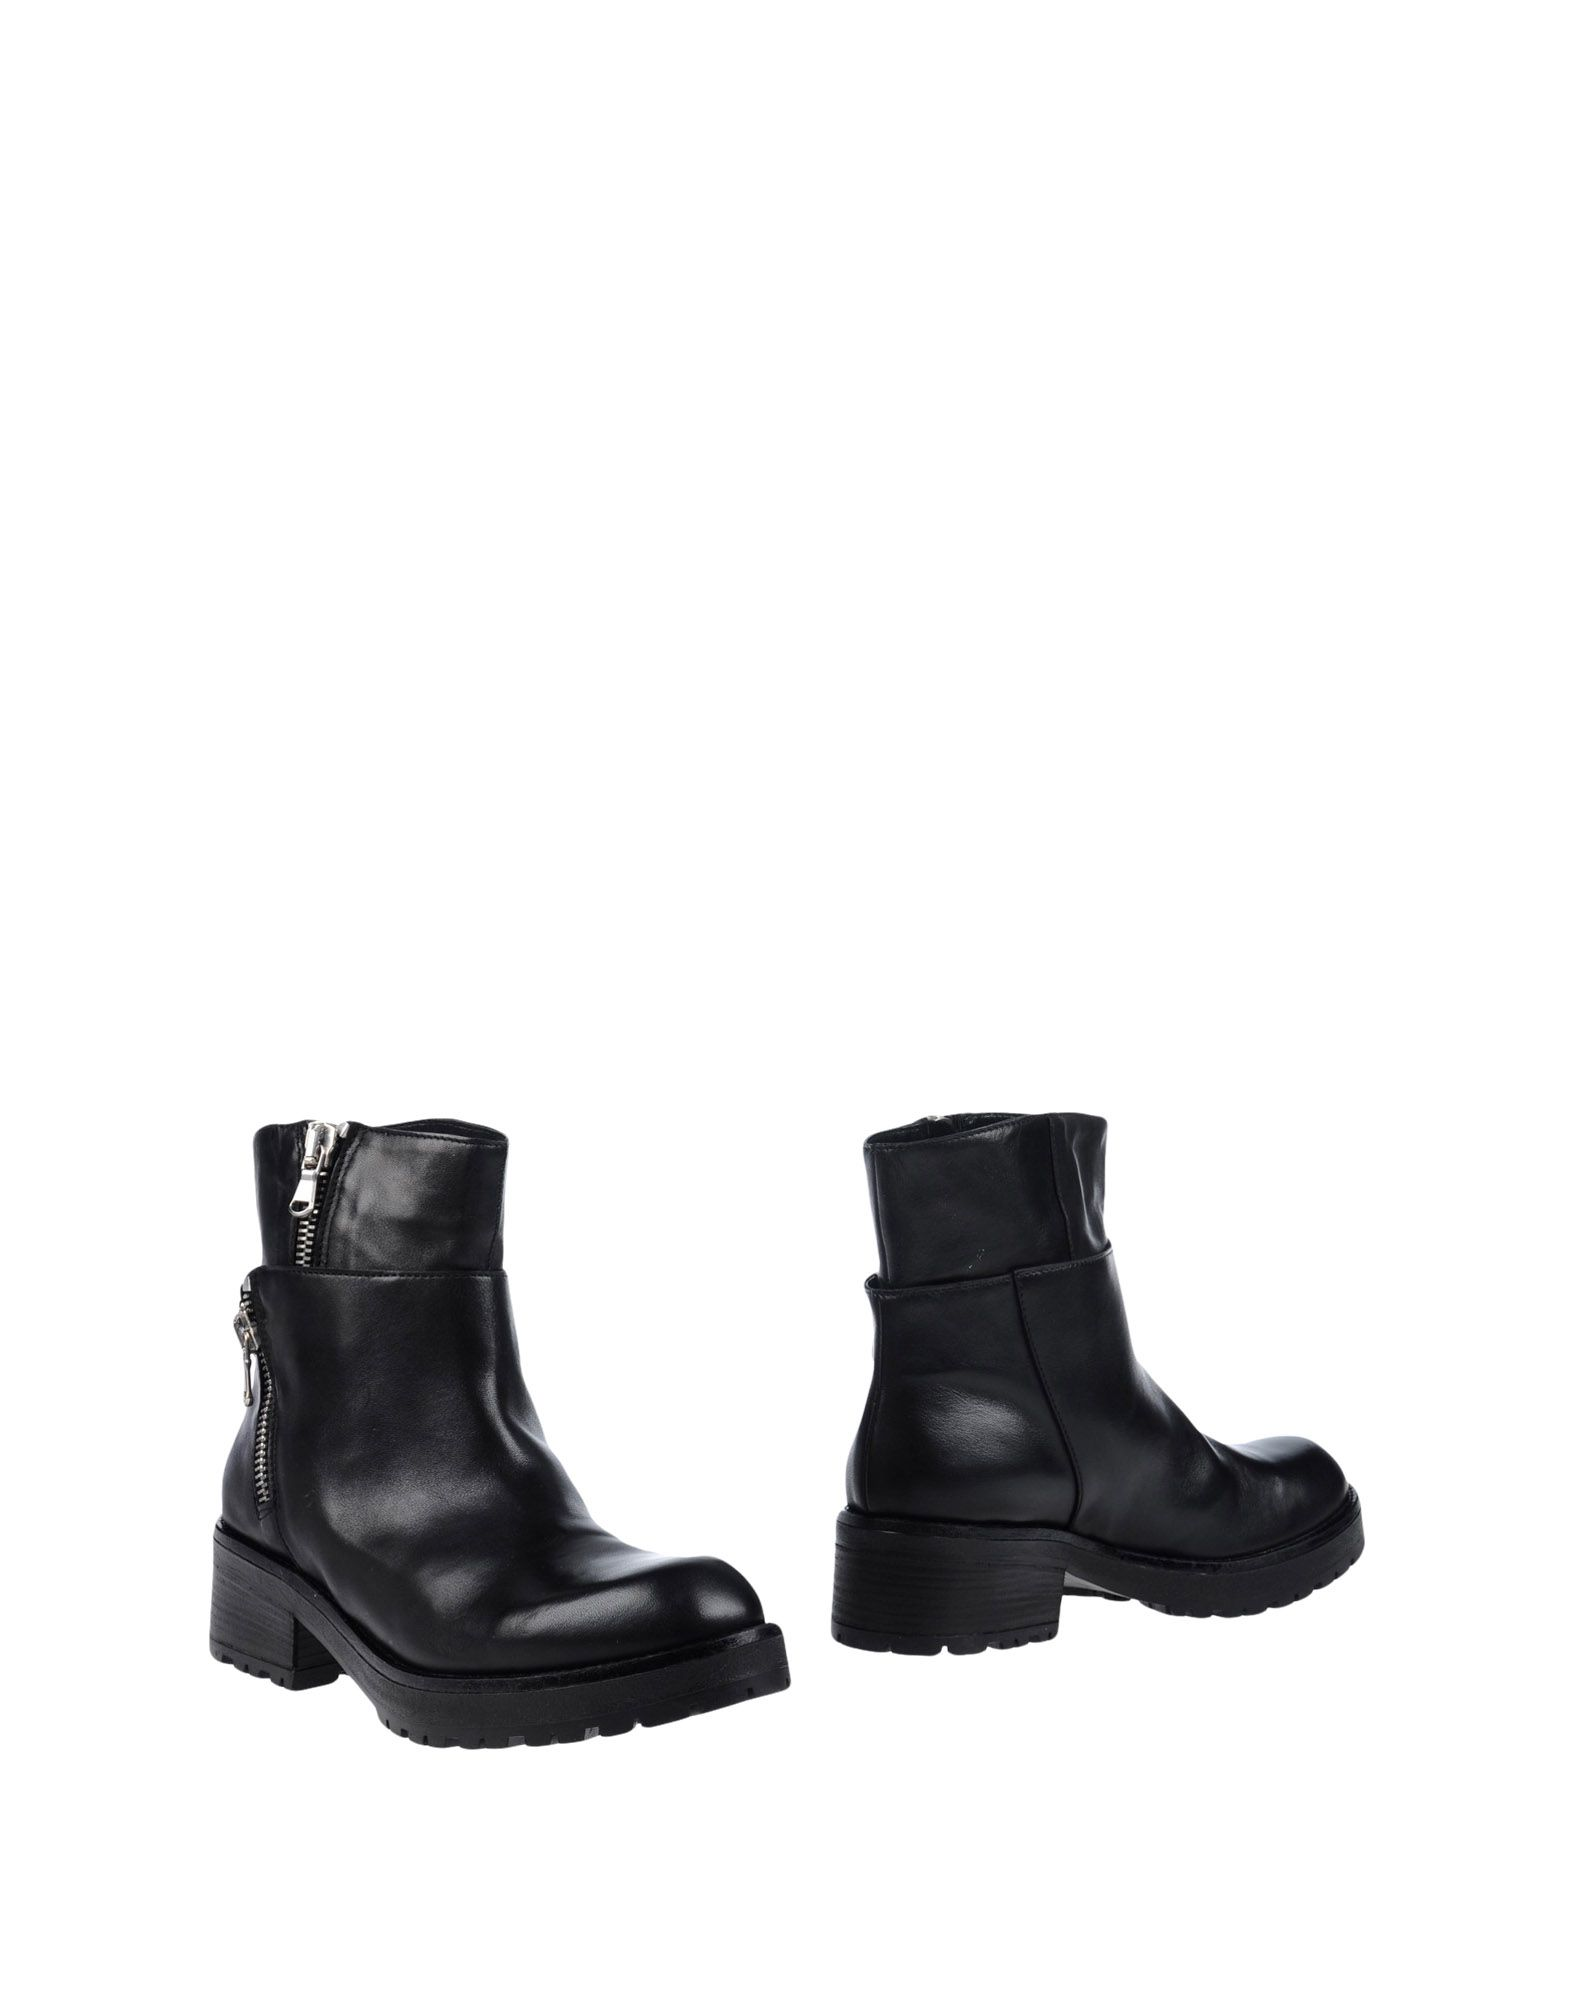 Haltbare Mode billige Schuhe Strategia Stiefelette Damen  11239552KK Heiße Schuhe